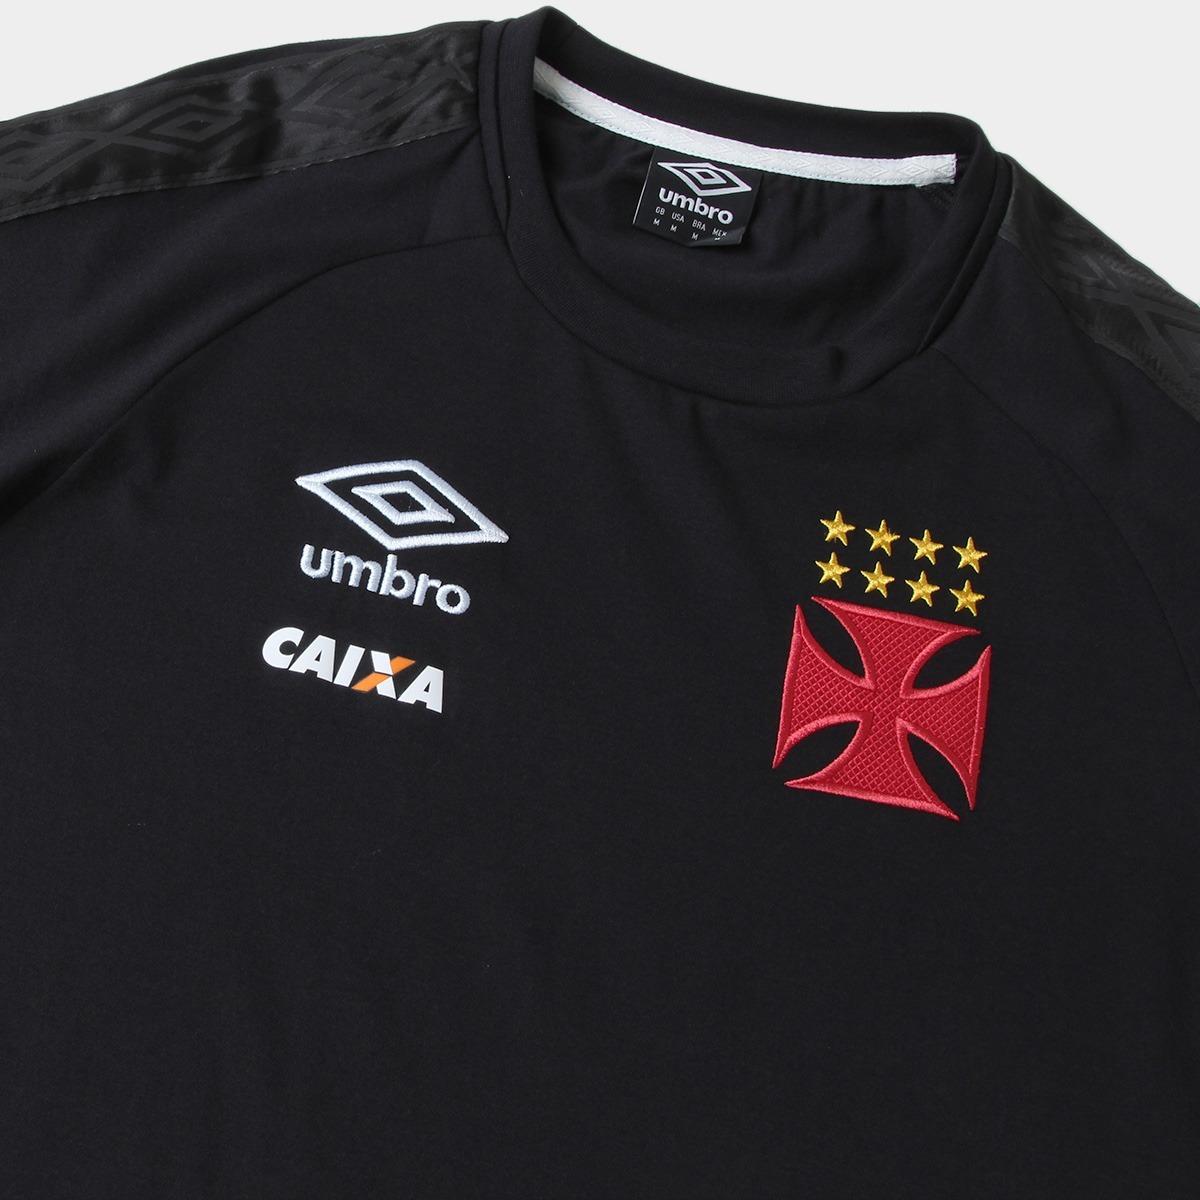 7bab8a2a90dba camisa vasco concentração oficial umbro preta 2017 / 2018. Carregando zoom.